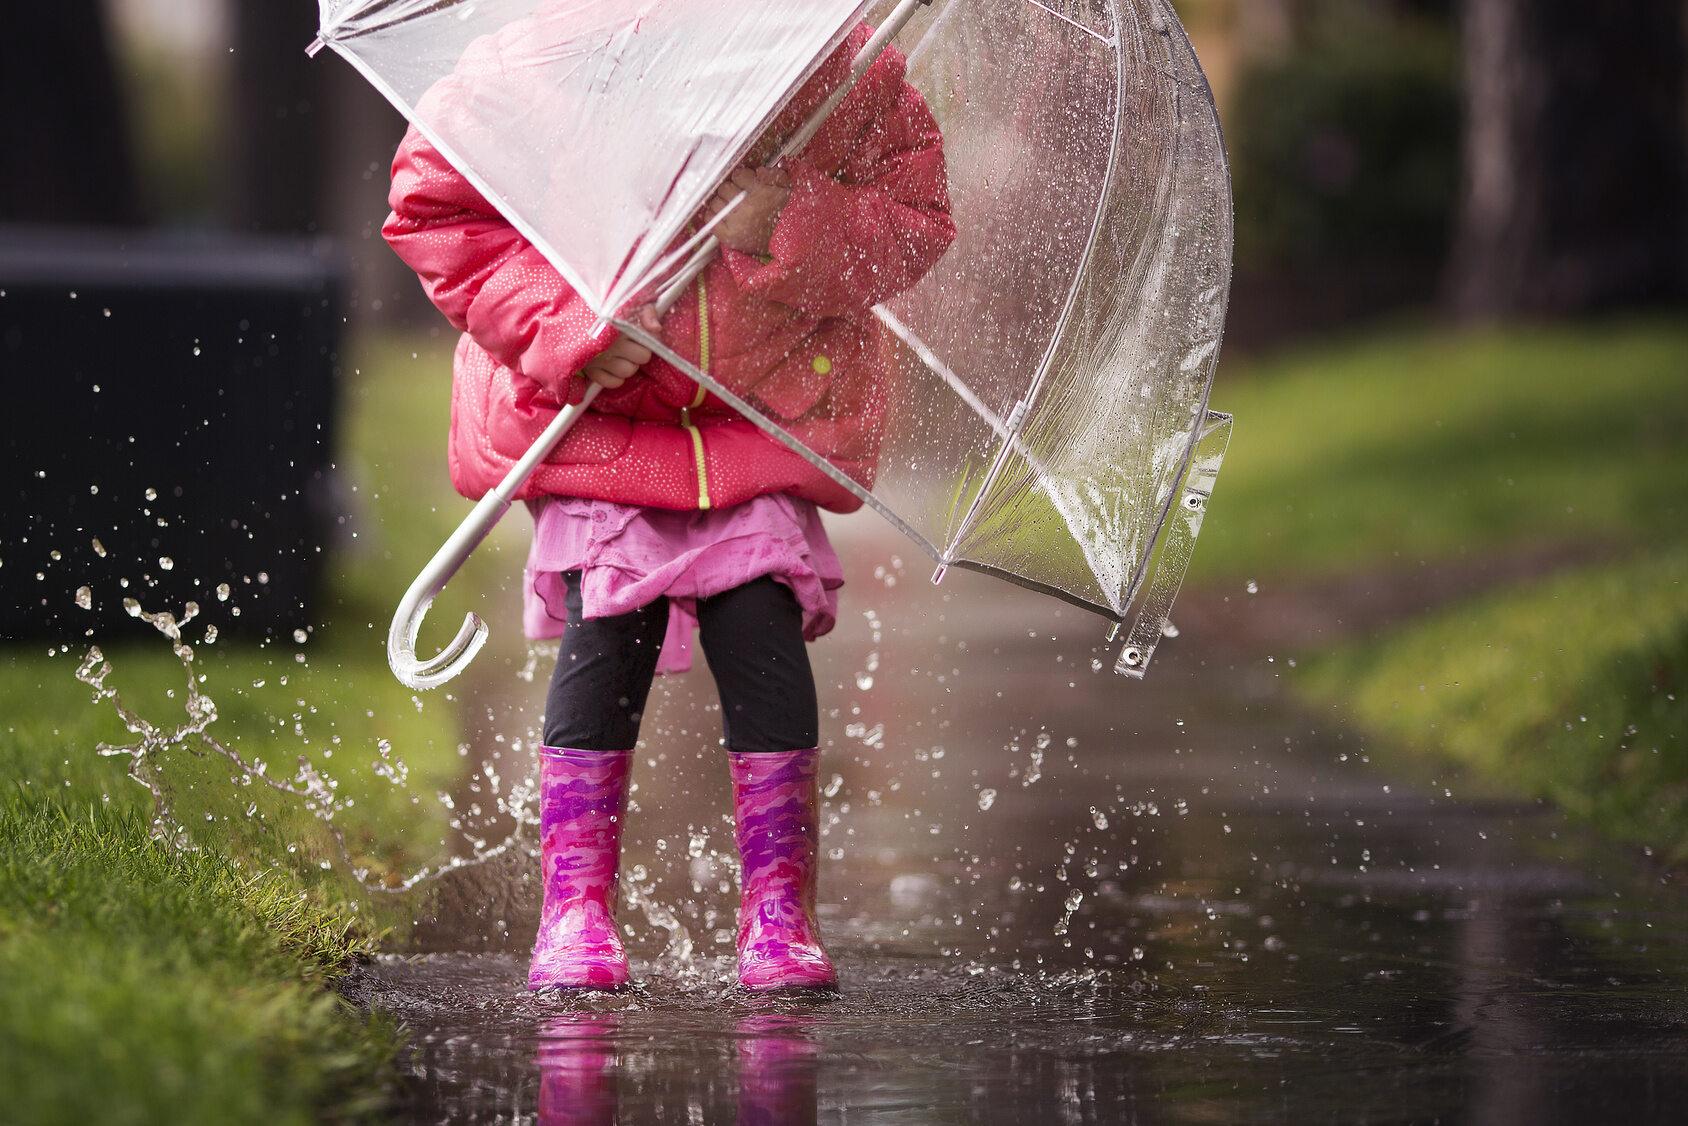 Deszcz, dziecko, zdj. ilustracyjne